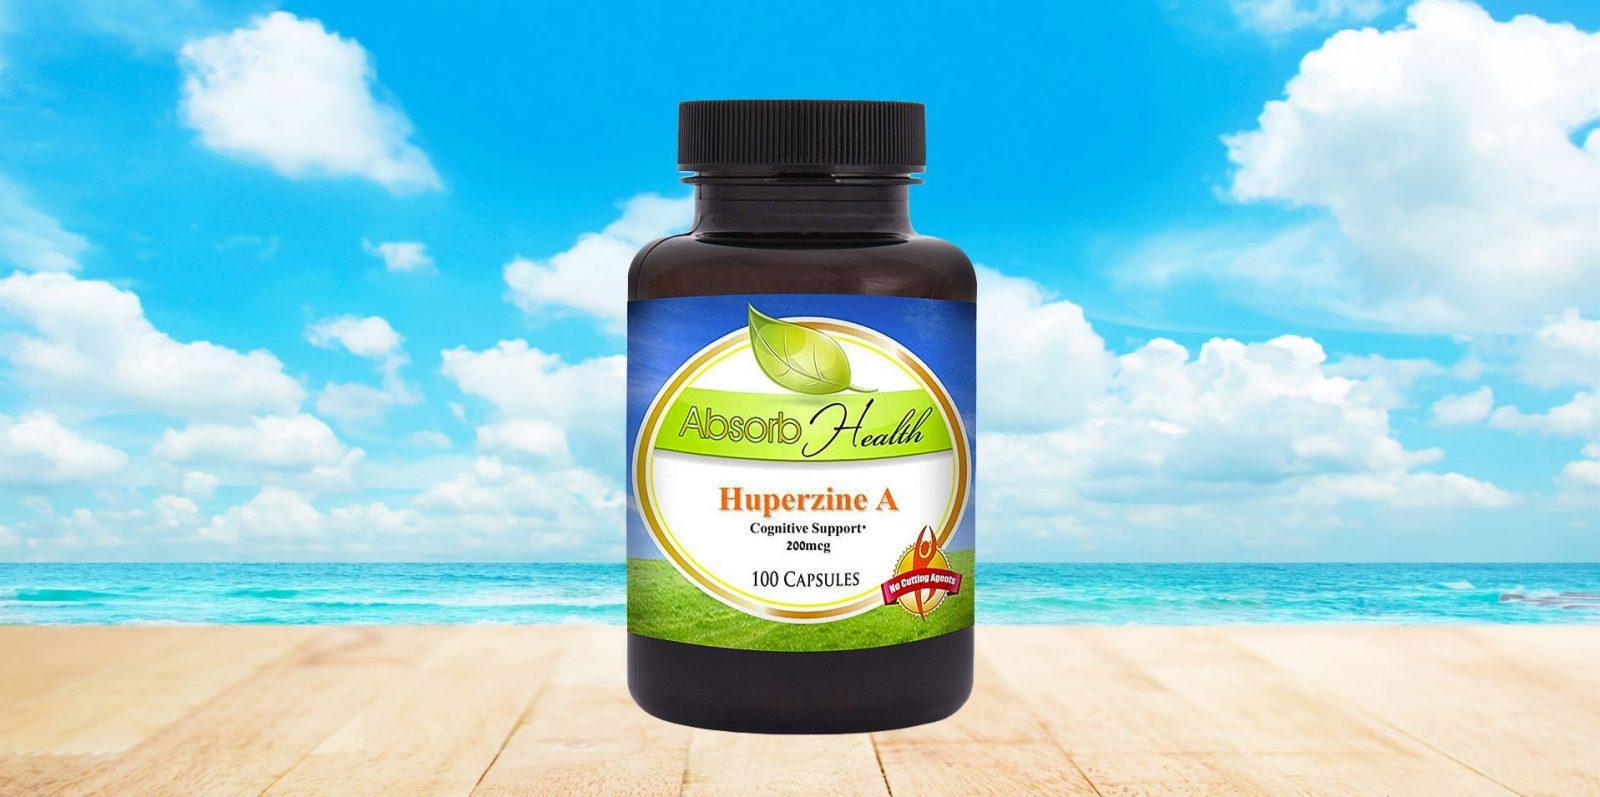 Absorb Health Huperzine A Capsules